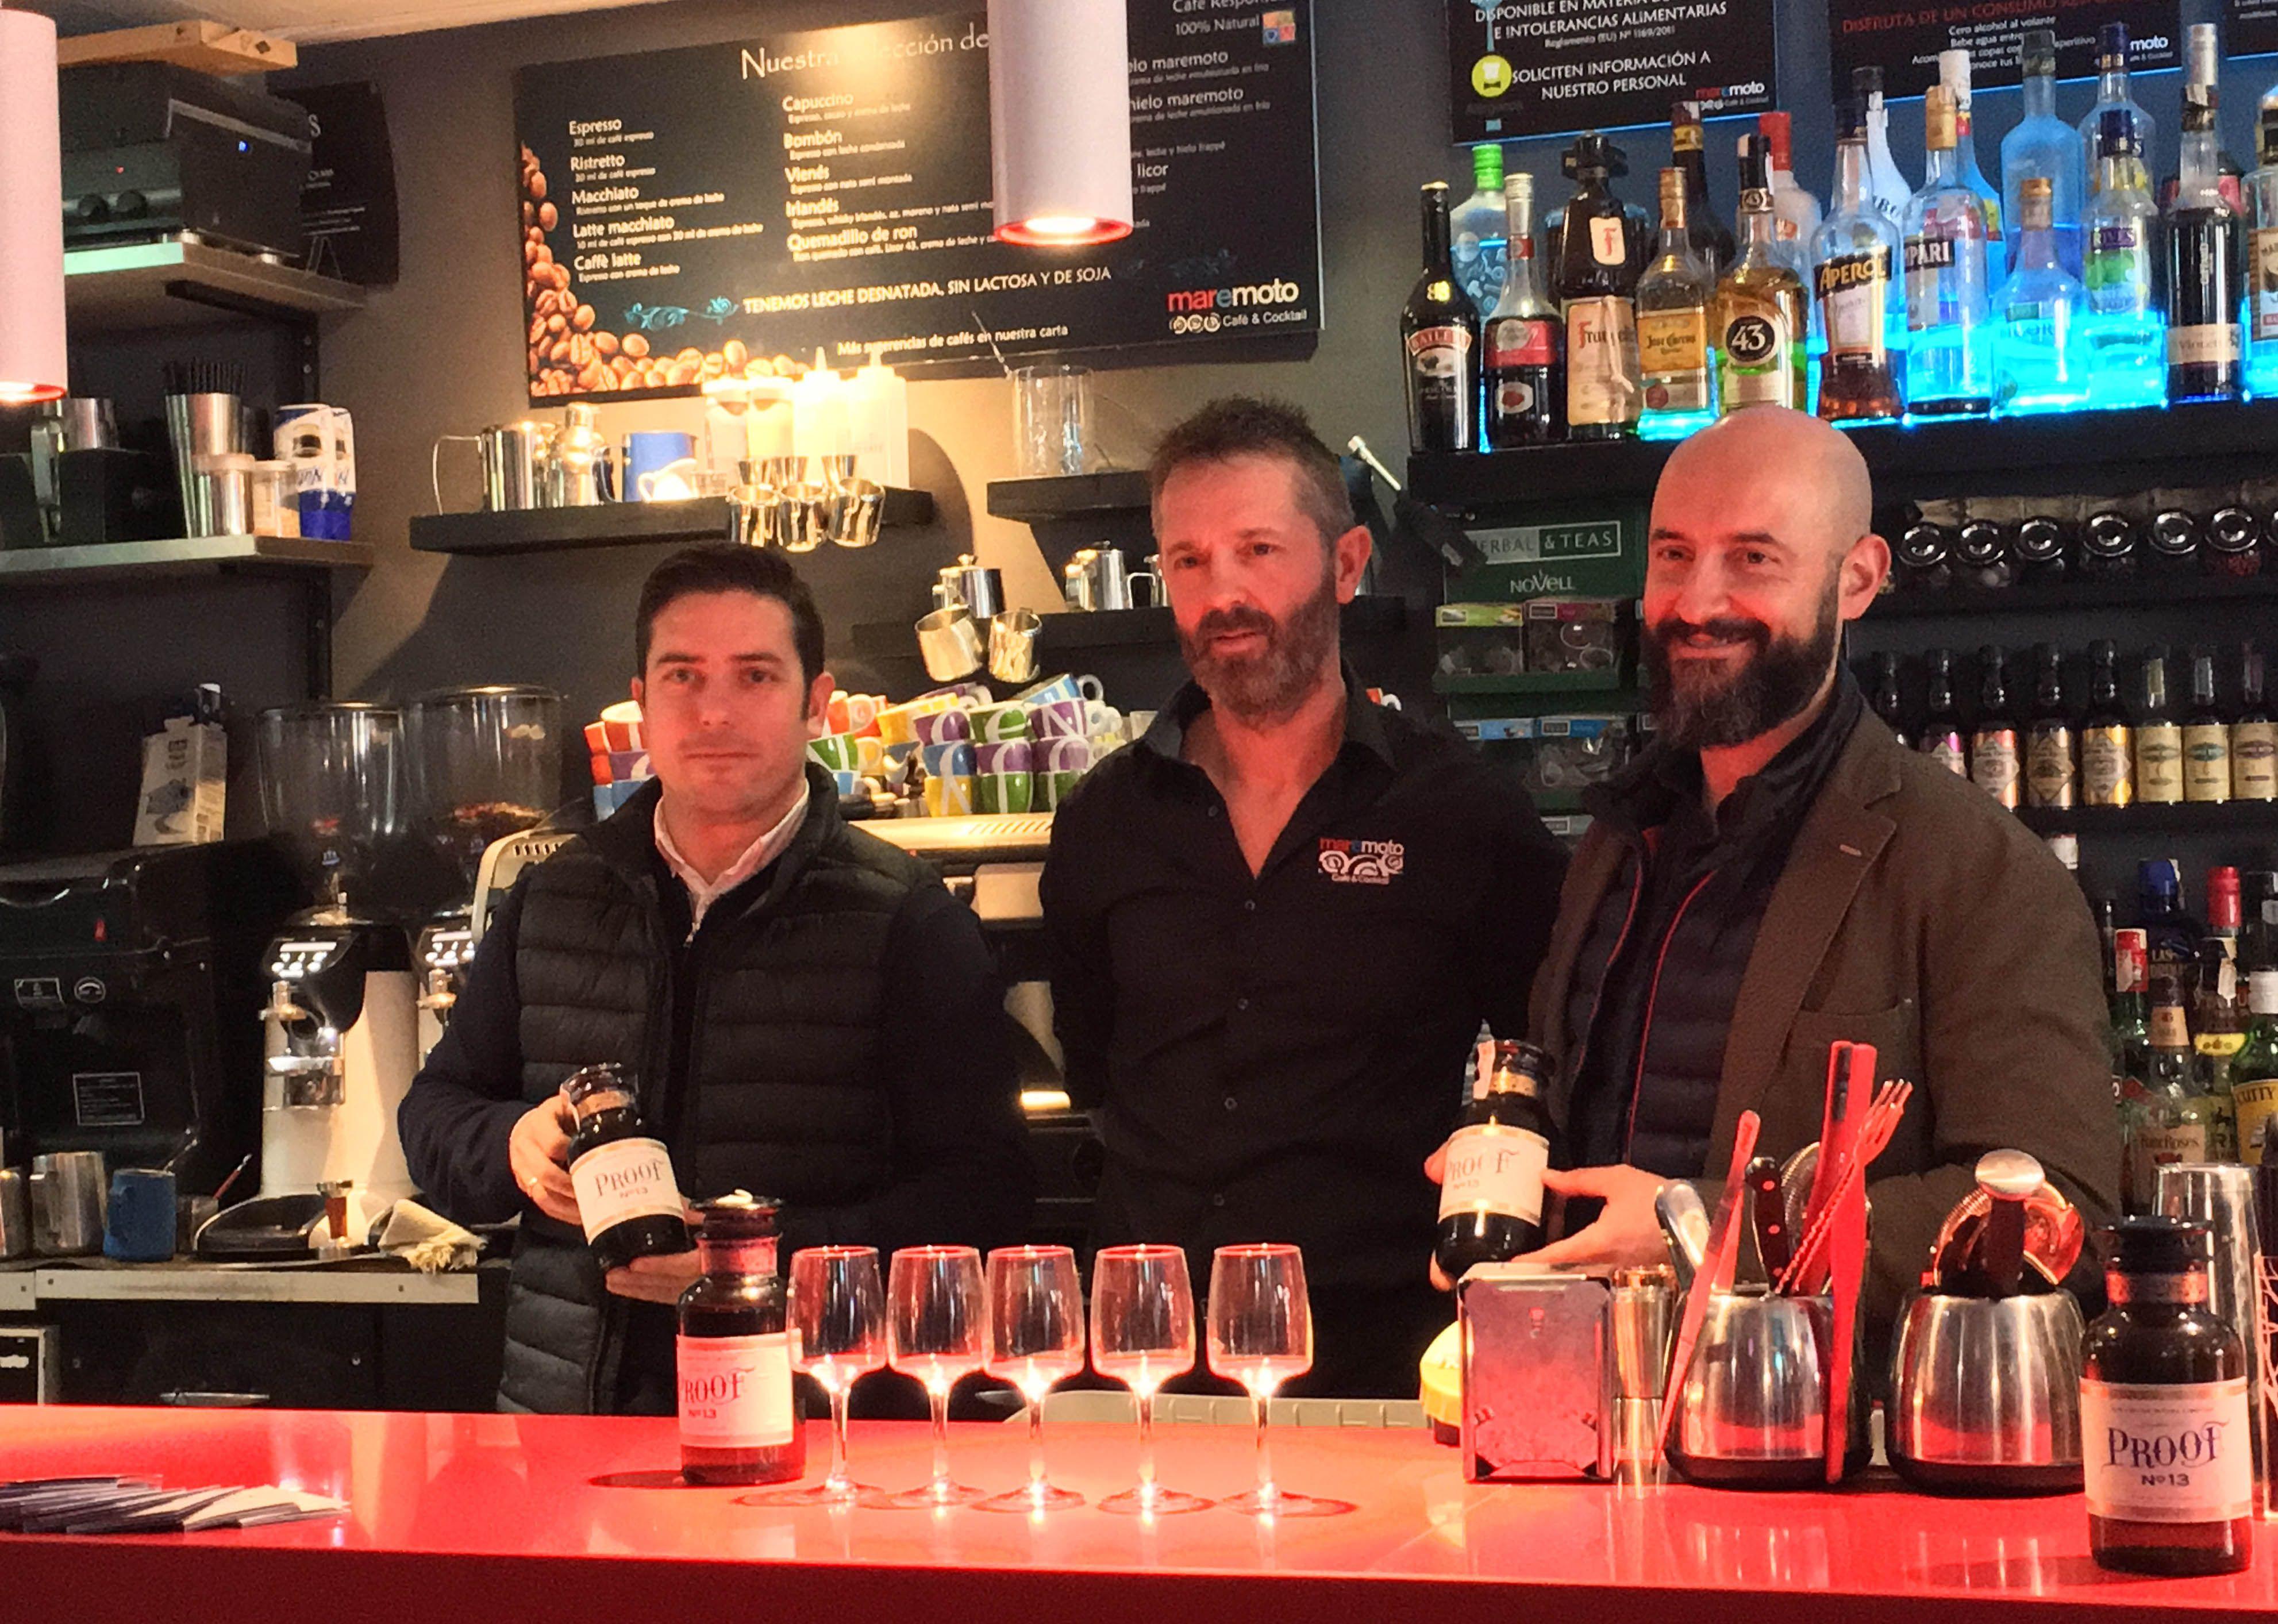 La firma británica The Poshmakers lanza Proof 13, el primer Gin Liquor destilado con frutos rojos del mundo